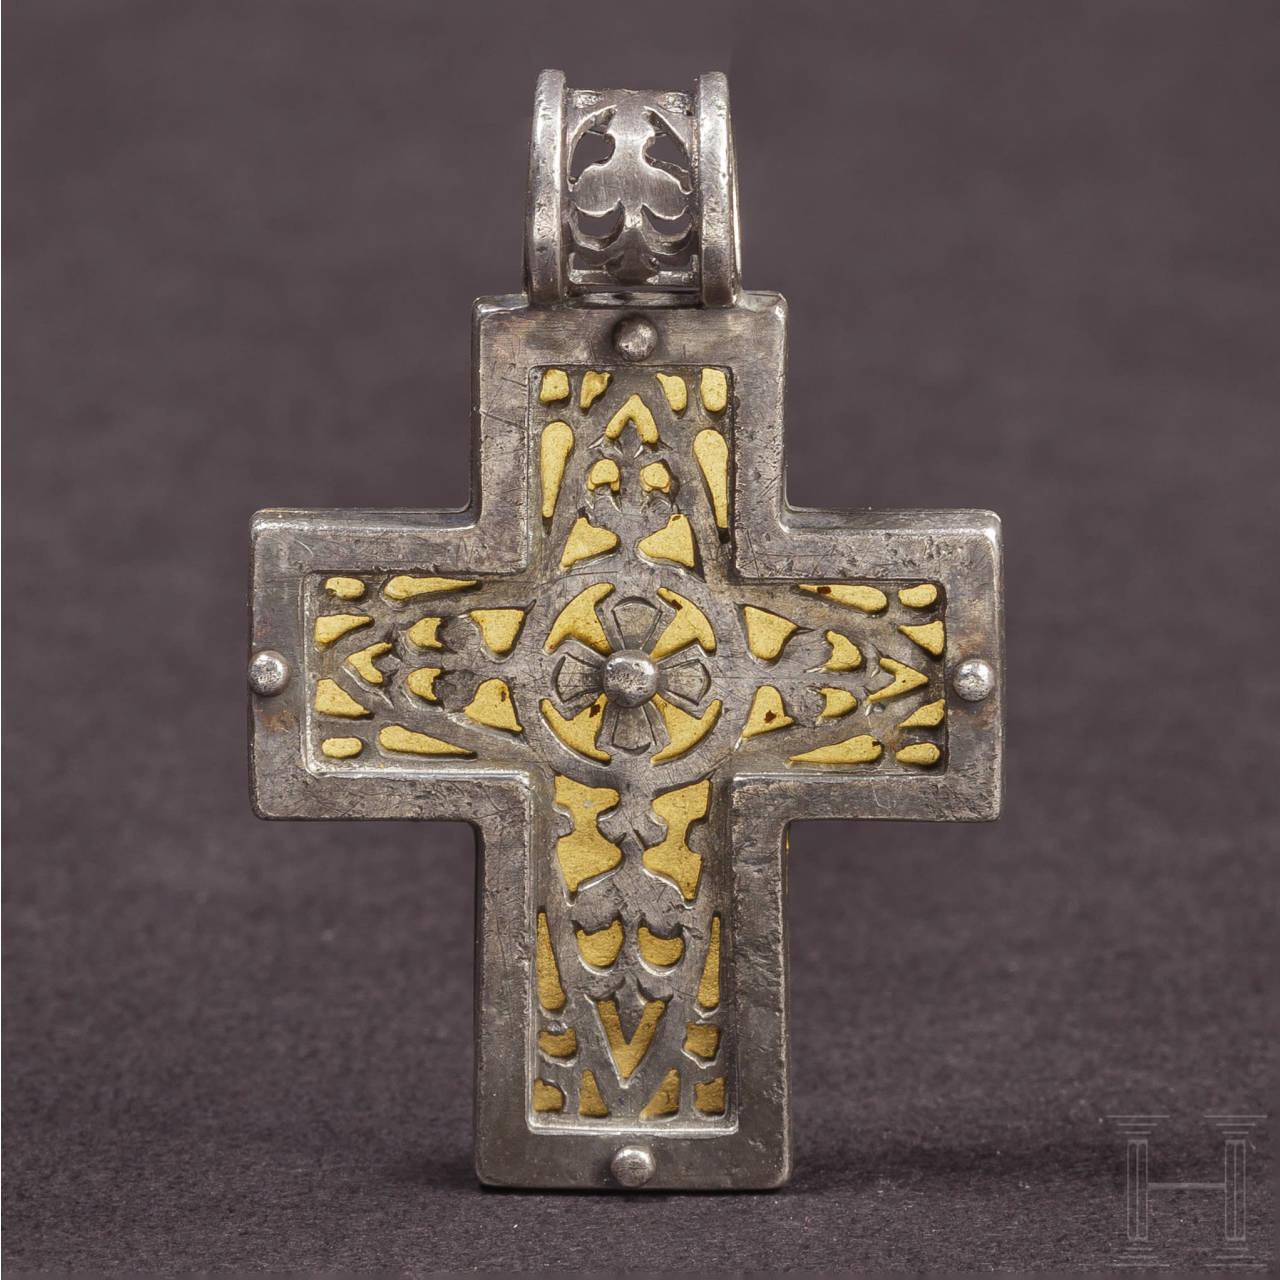 Aus Silber und Gold gearbeiteter Kreuzanhänger, mittel- oder spätbyzantinisch, 8. - 13. Jhdt.